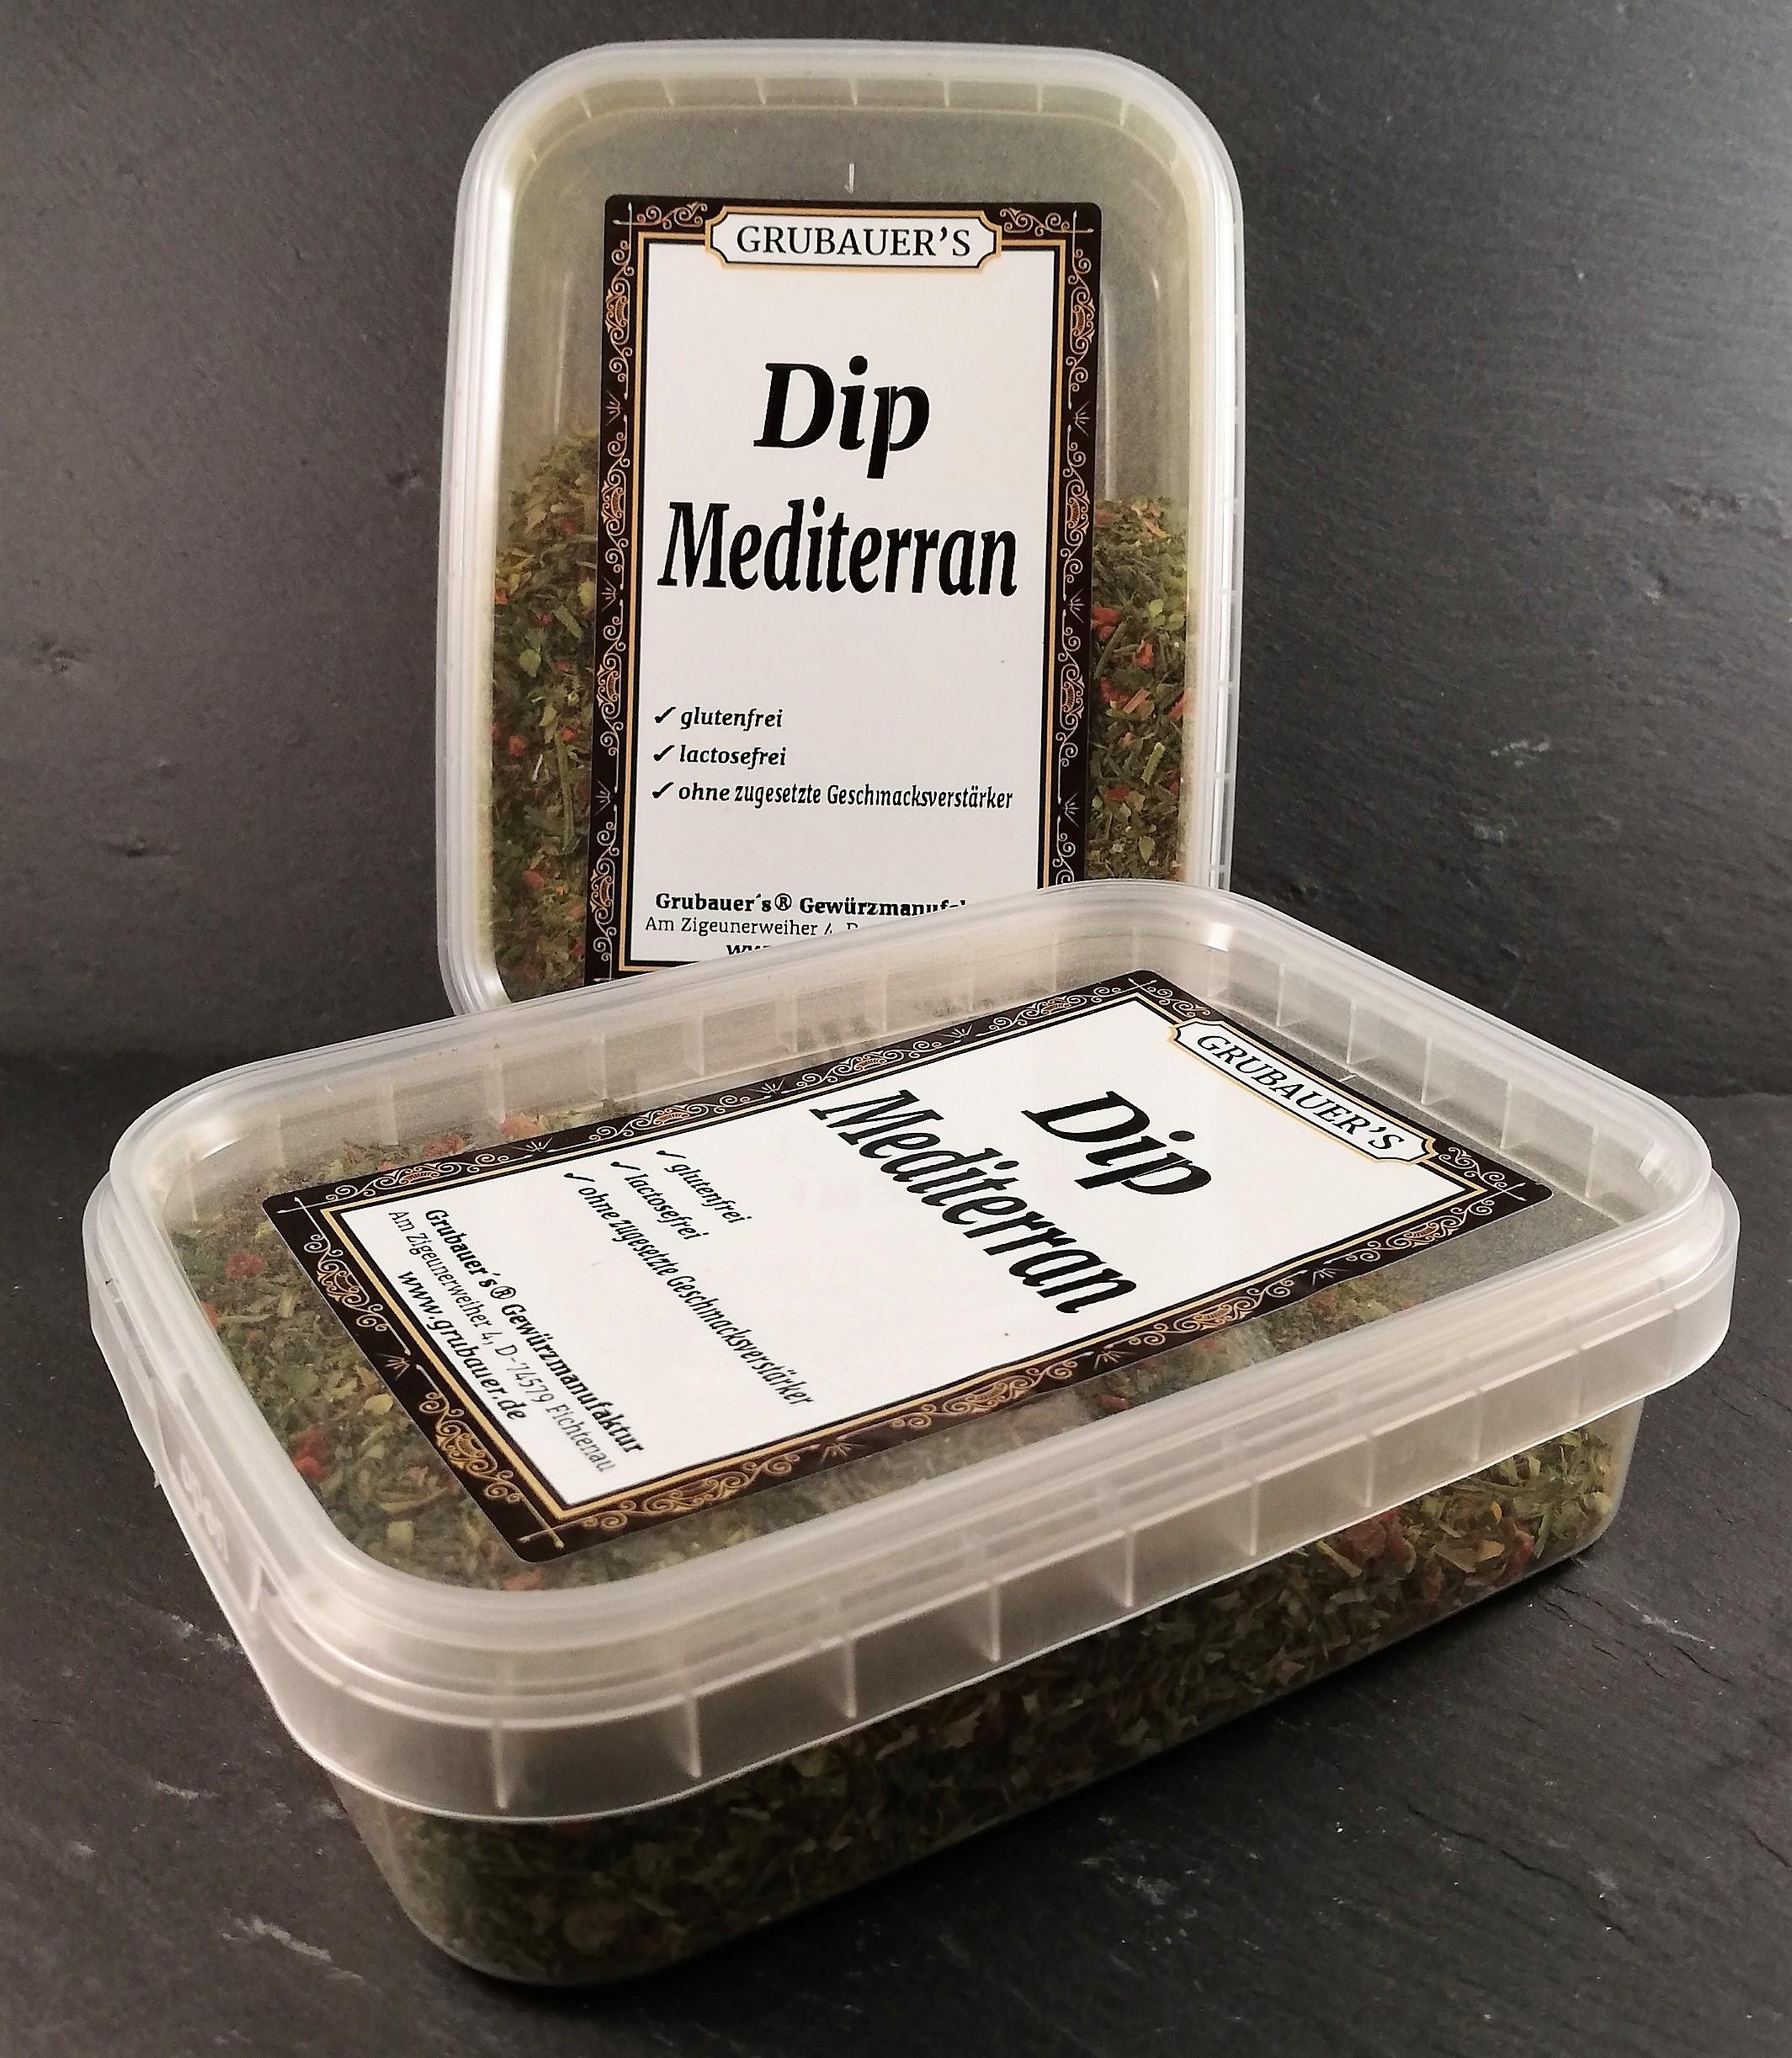 DIP Mediterran